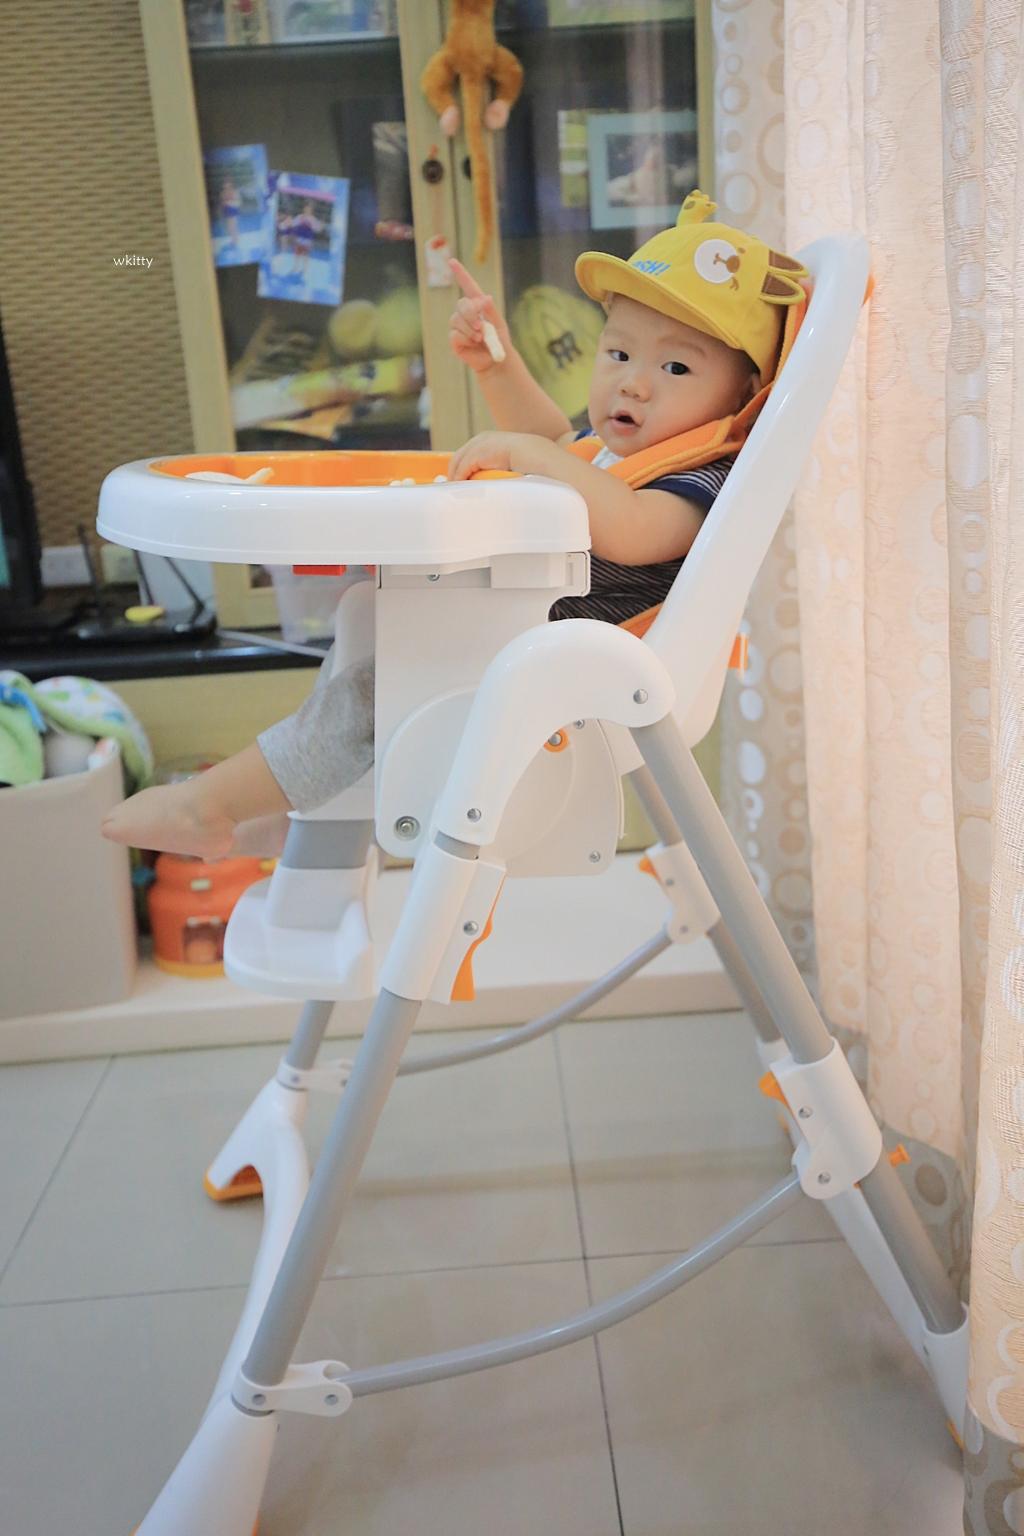 【熱賣團購】myheart多功能摺疊式餐椅,CP值超高,MIT最夯的育兒神器餐椅 @小環妞 幸福足跡